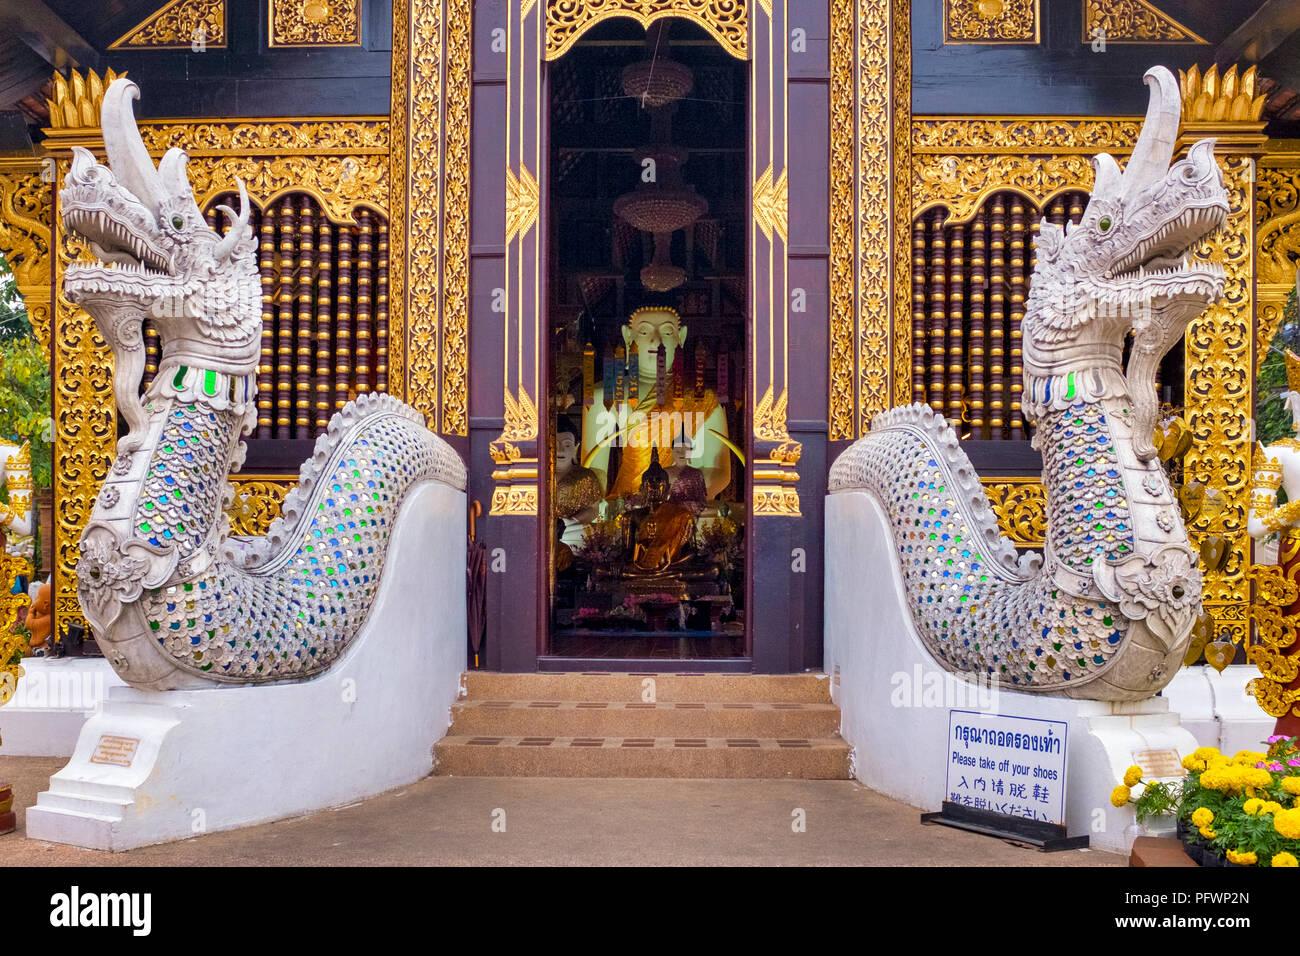 Wat Inthakhin Saduemuang (also called Wat Sadue Muang),  Chiang Mai, Thailand - Stock Image